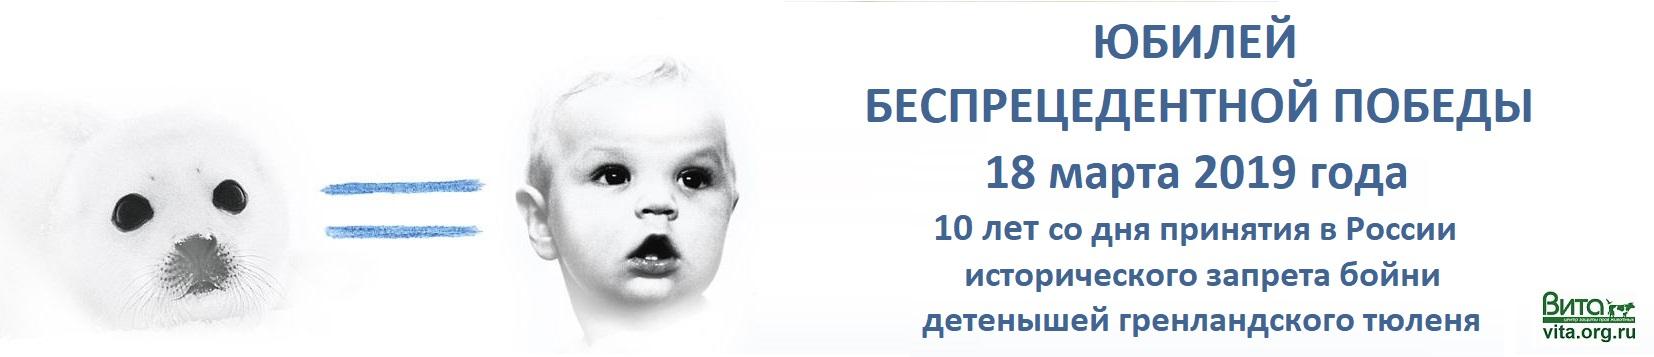 ЮБИЛЕЙ! Сегодня, 18 марта 2019 года, исполняется ровно 10 лет со дня принятия в России исторического решения о запрете добычи детенышей гренландского тюленя всех возрастов